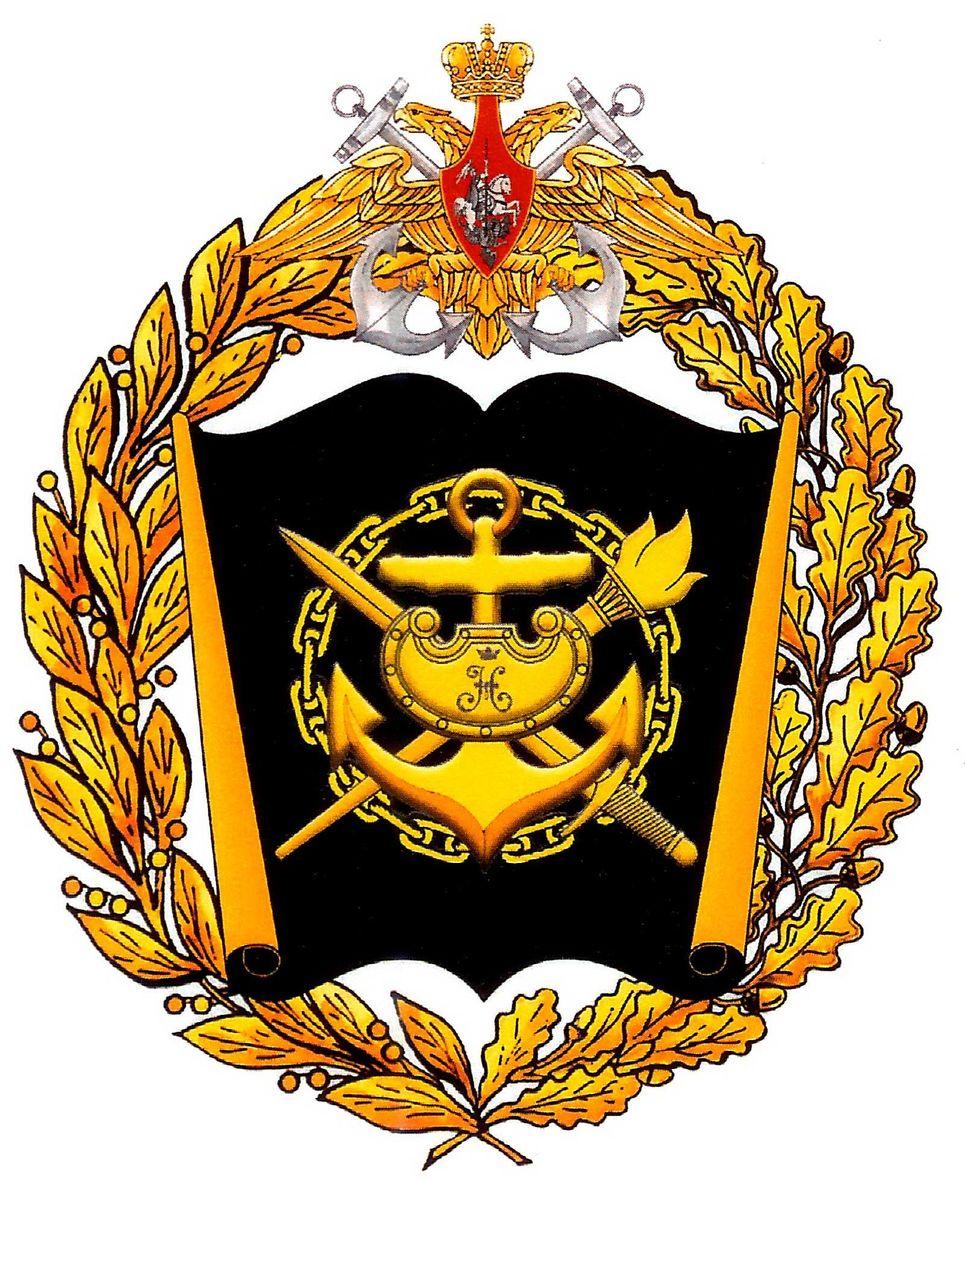 Военный учебно-научный центр ВМФ ВМА им. Н.Г. Кузнецова — филиал в г. Калининград